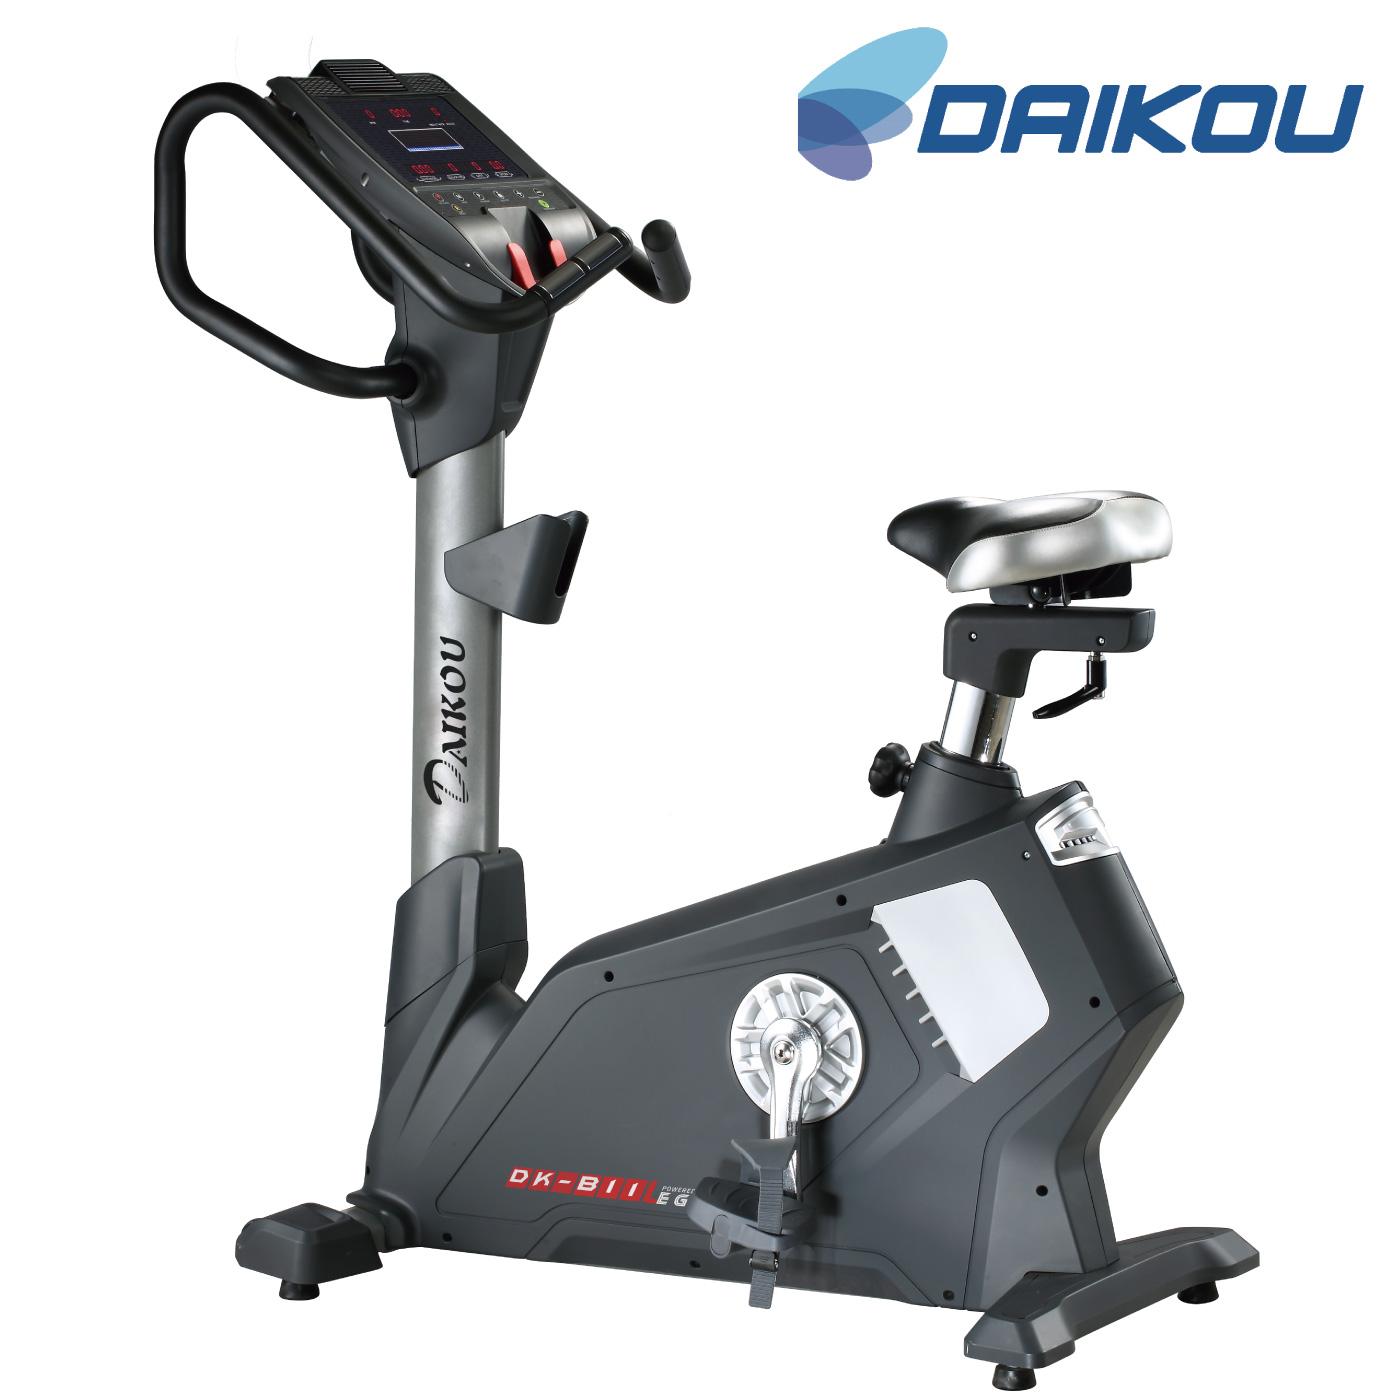 準業務用アップライトバイクDK-B11